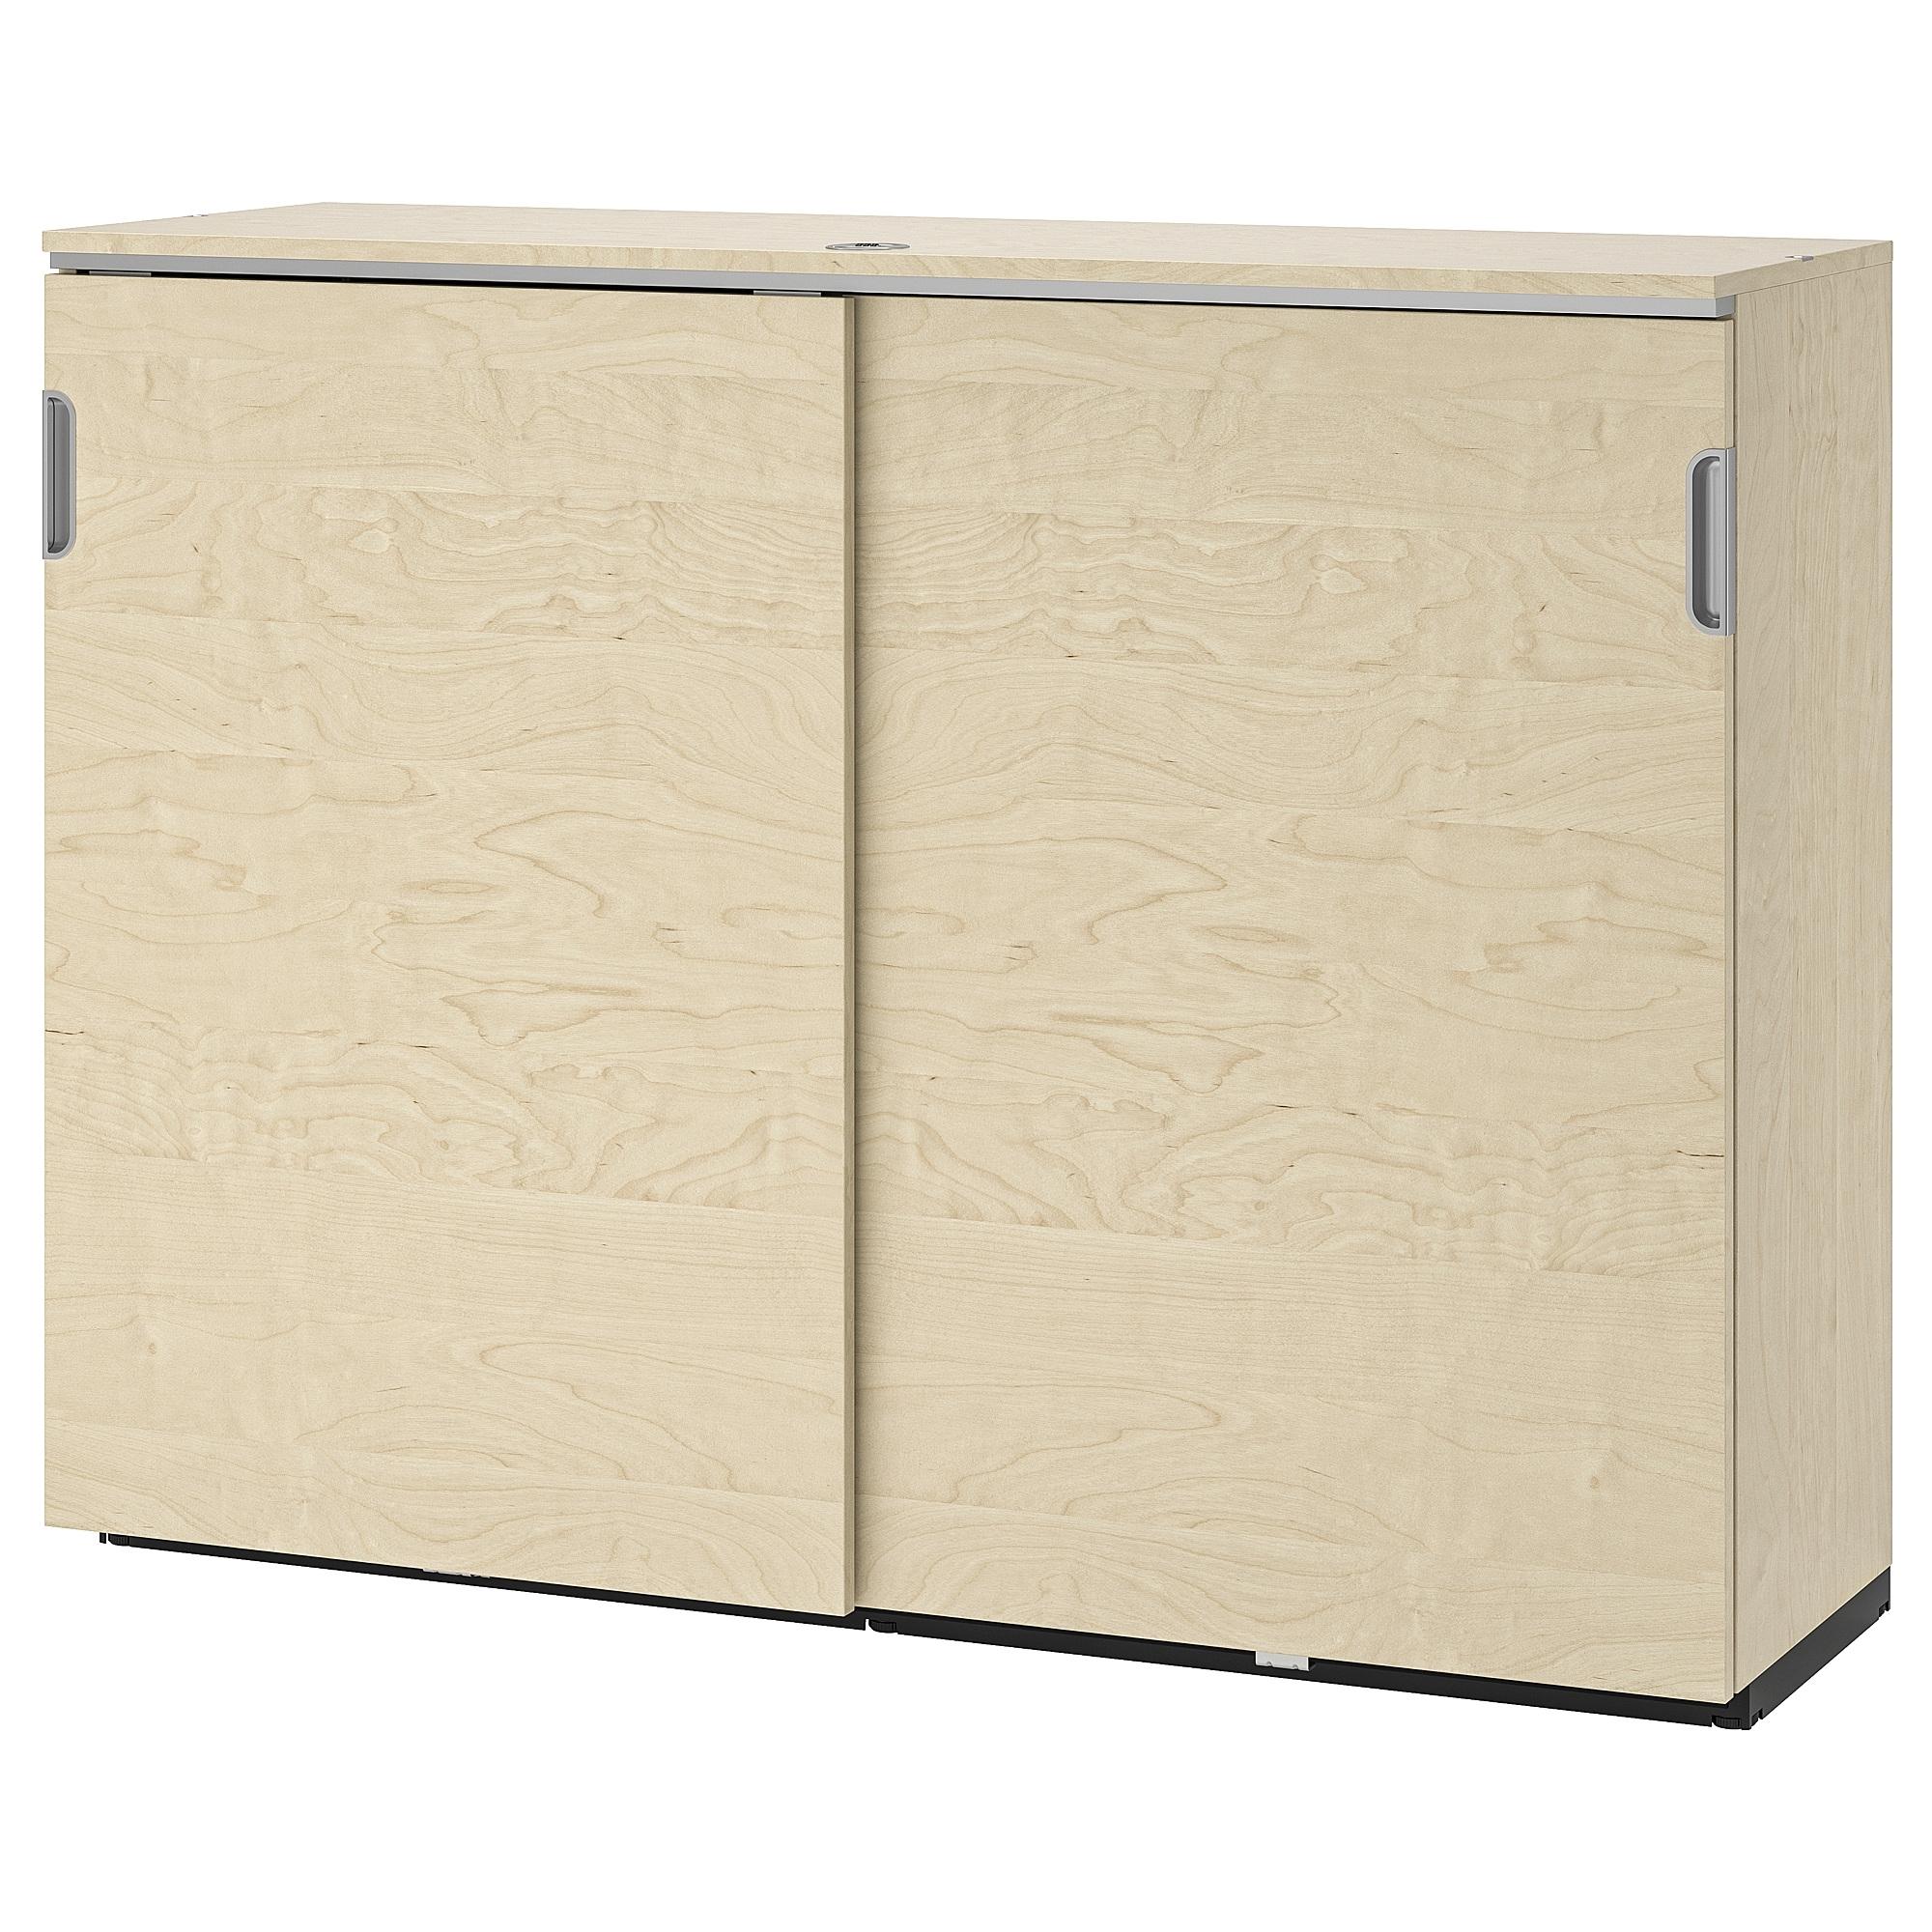 Ikea Lithuania - Įsigyti Baldų, Šviestuvų, Interjero Dekoracijų Ir for Koip 6 Door Sideboards (Image 2 of 30)